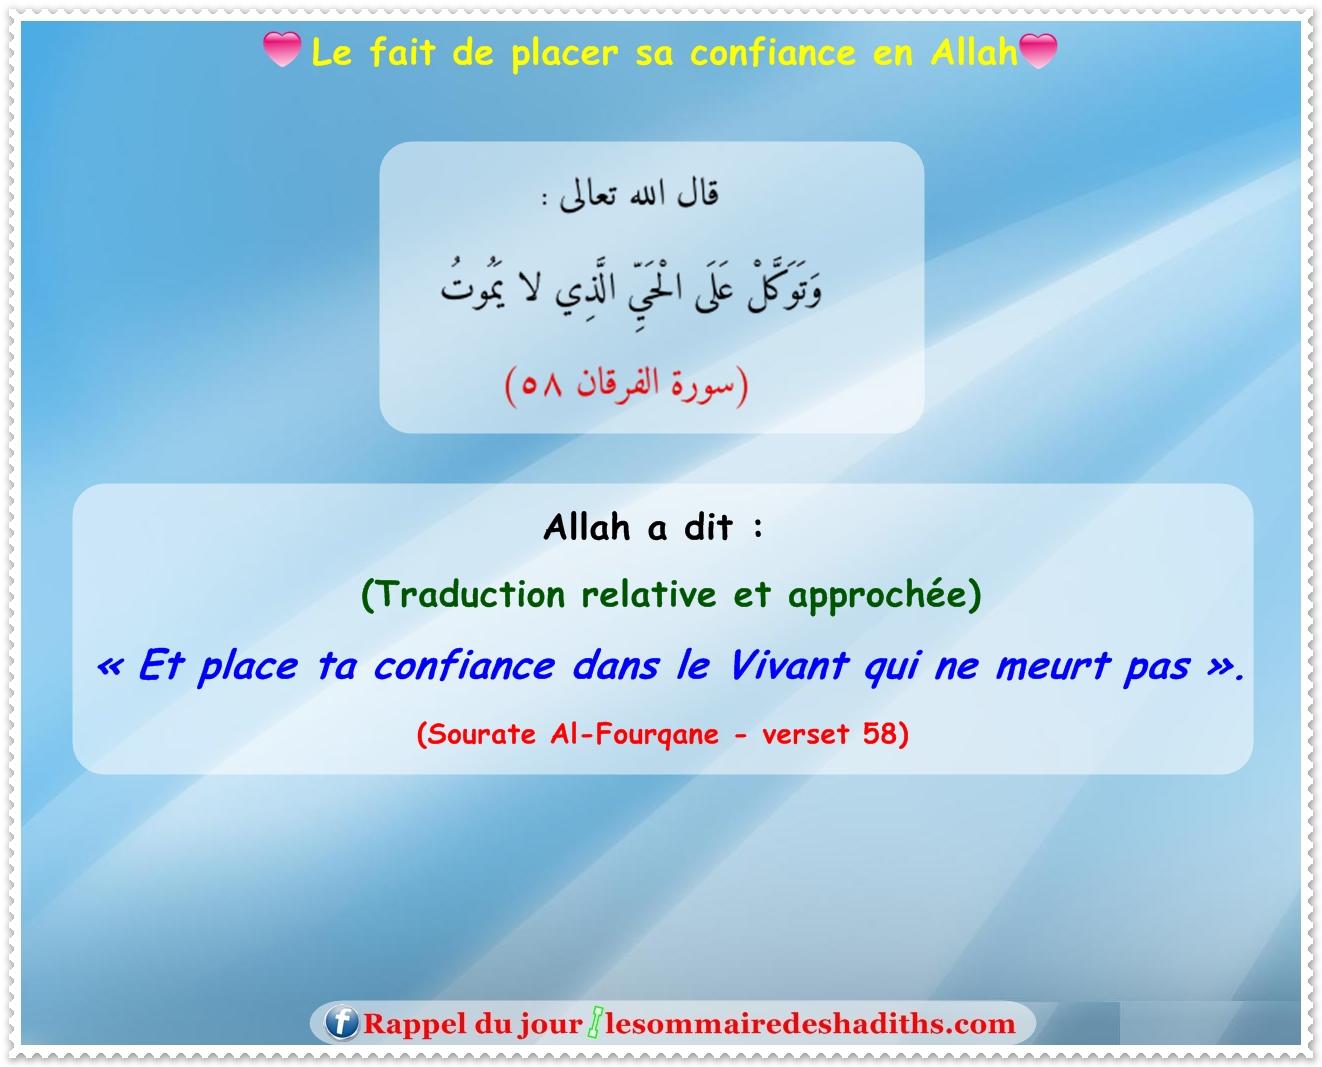 Le fait de placer sa confiance en Allah (Sourate Al-Fourqane - v58)